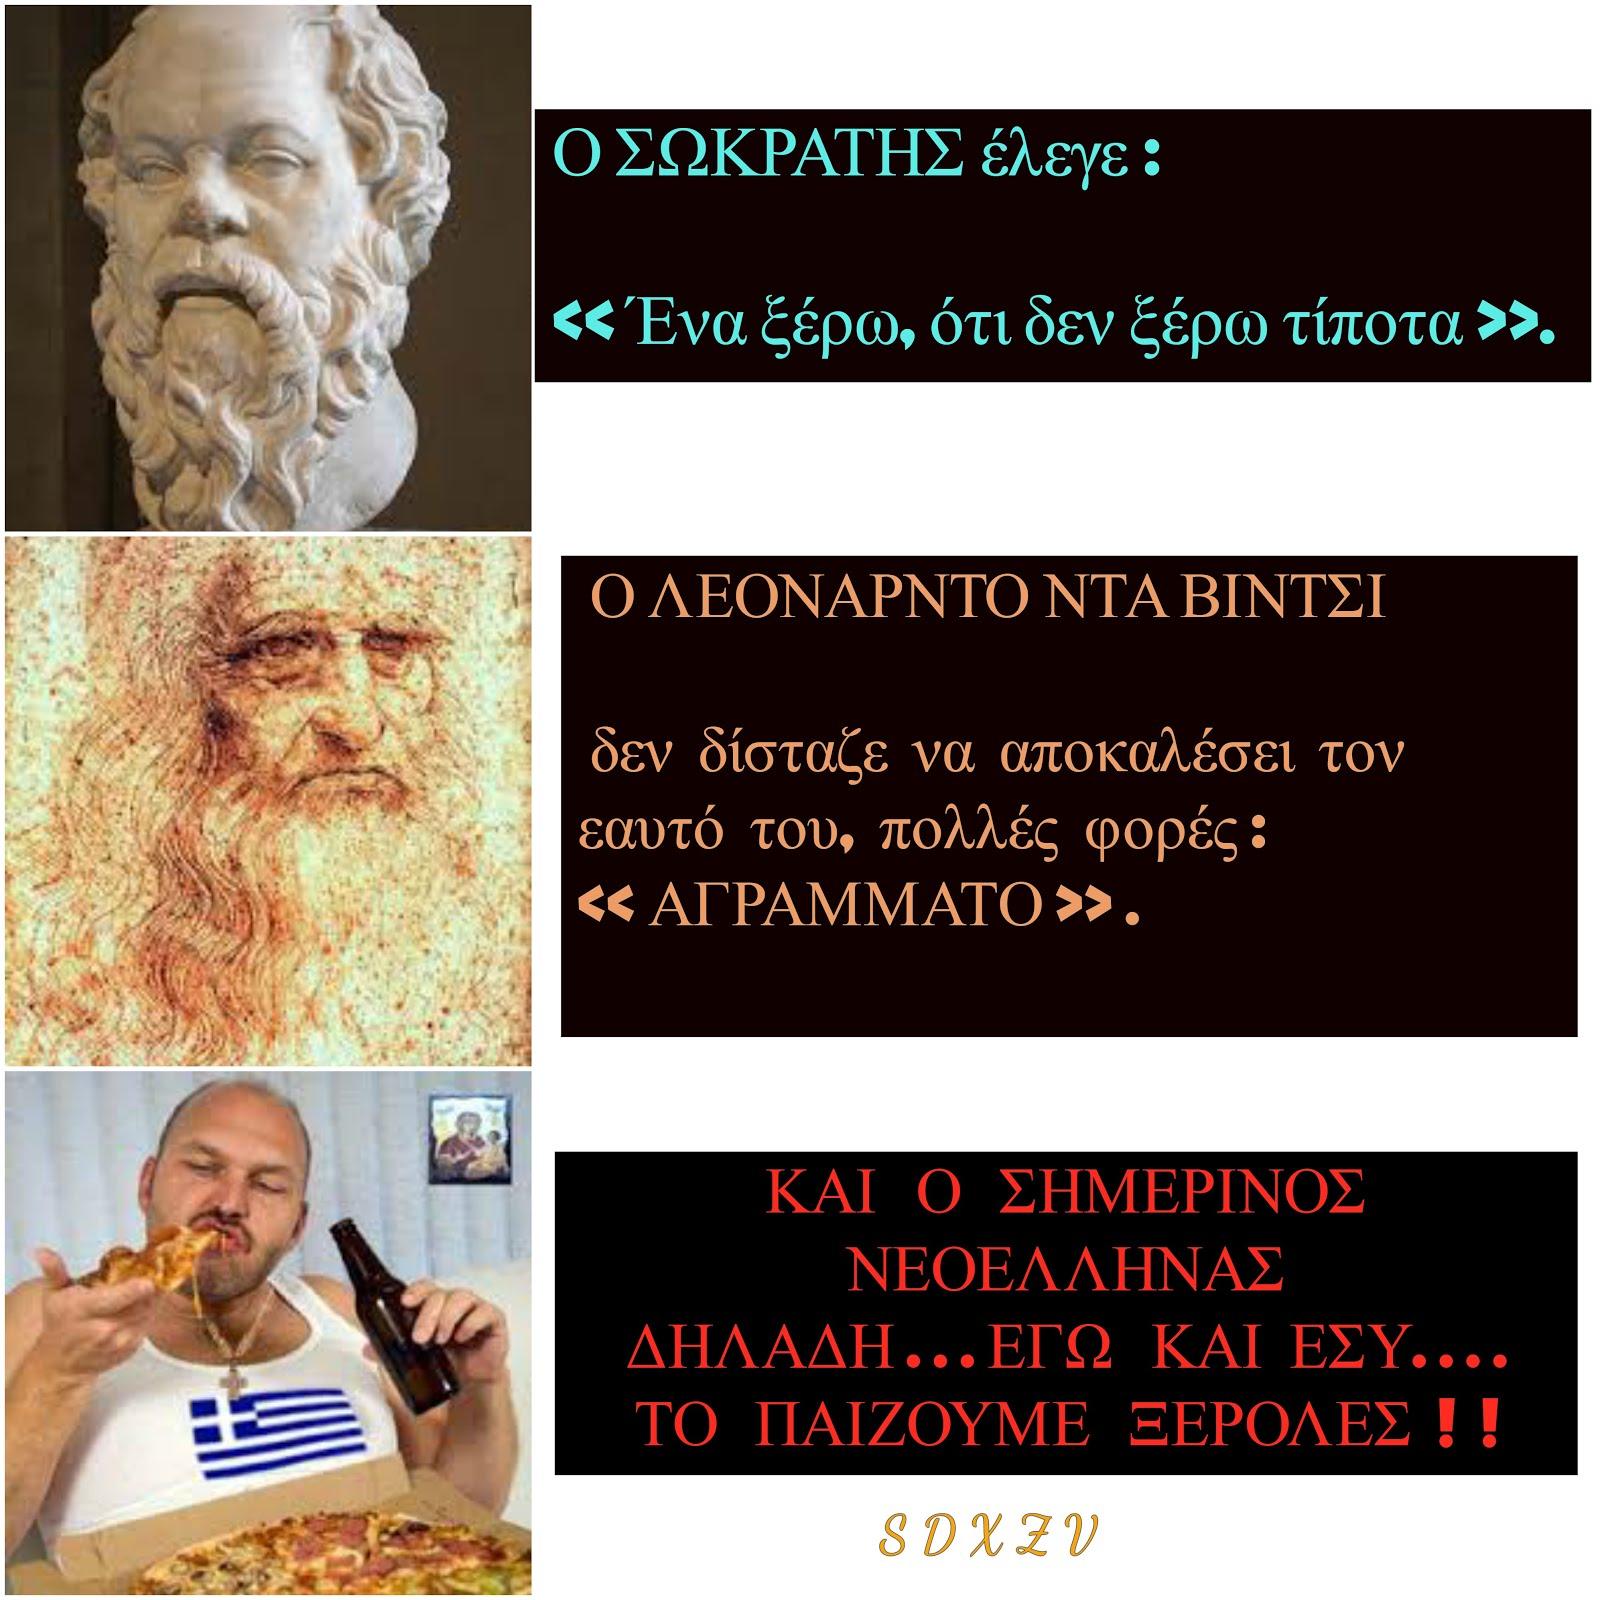 Ο Σωκράτης, ο Leonardo και ο Νεοέλληνας !!